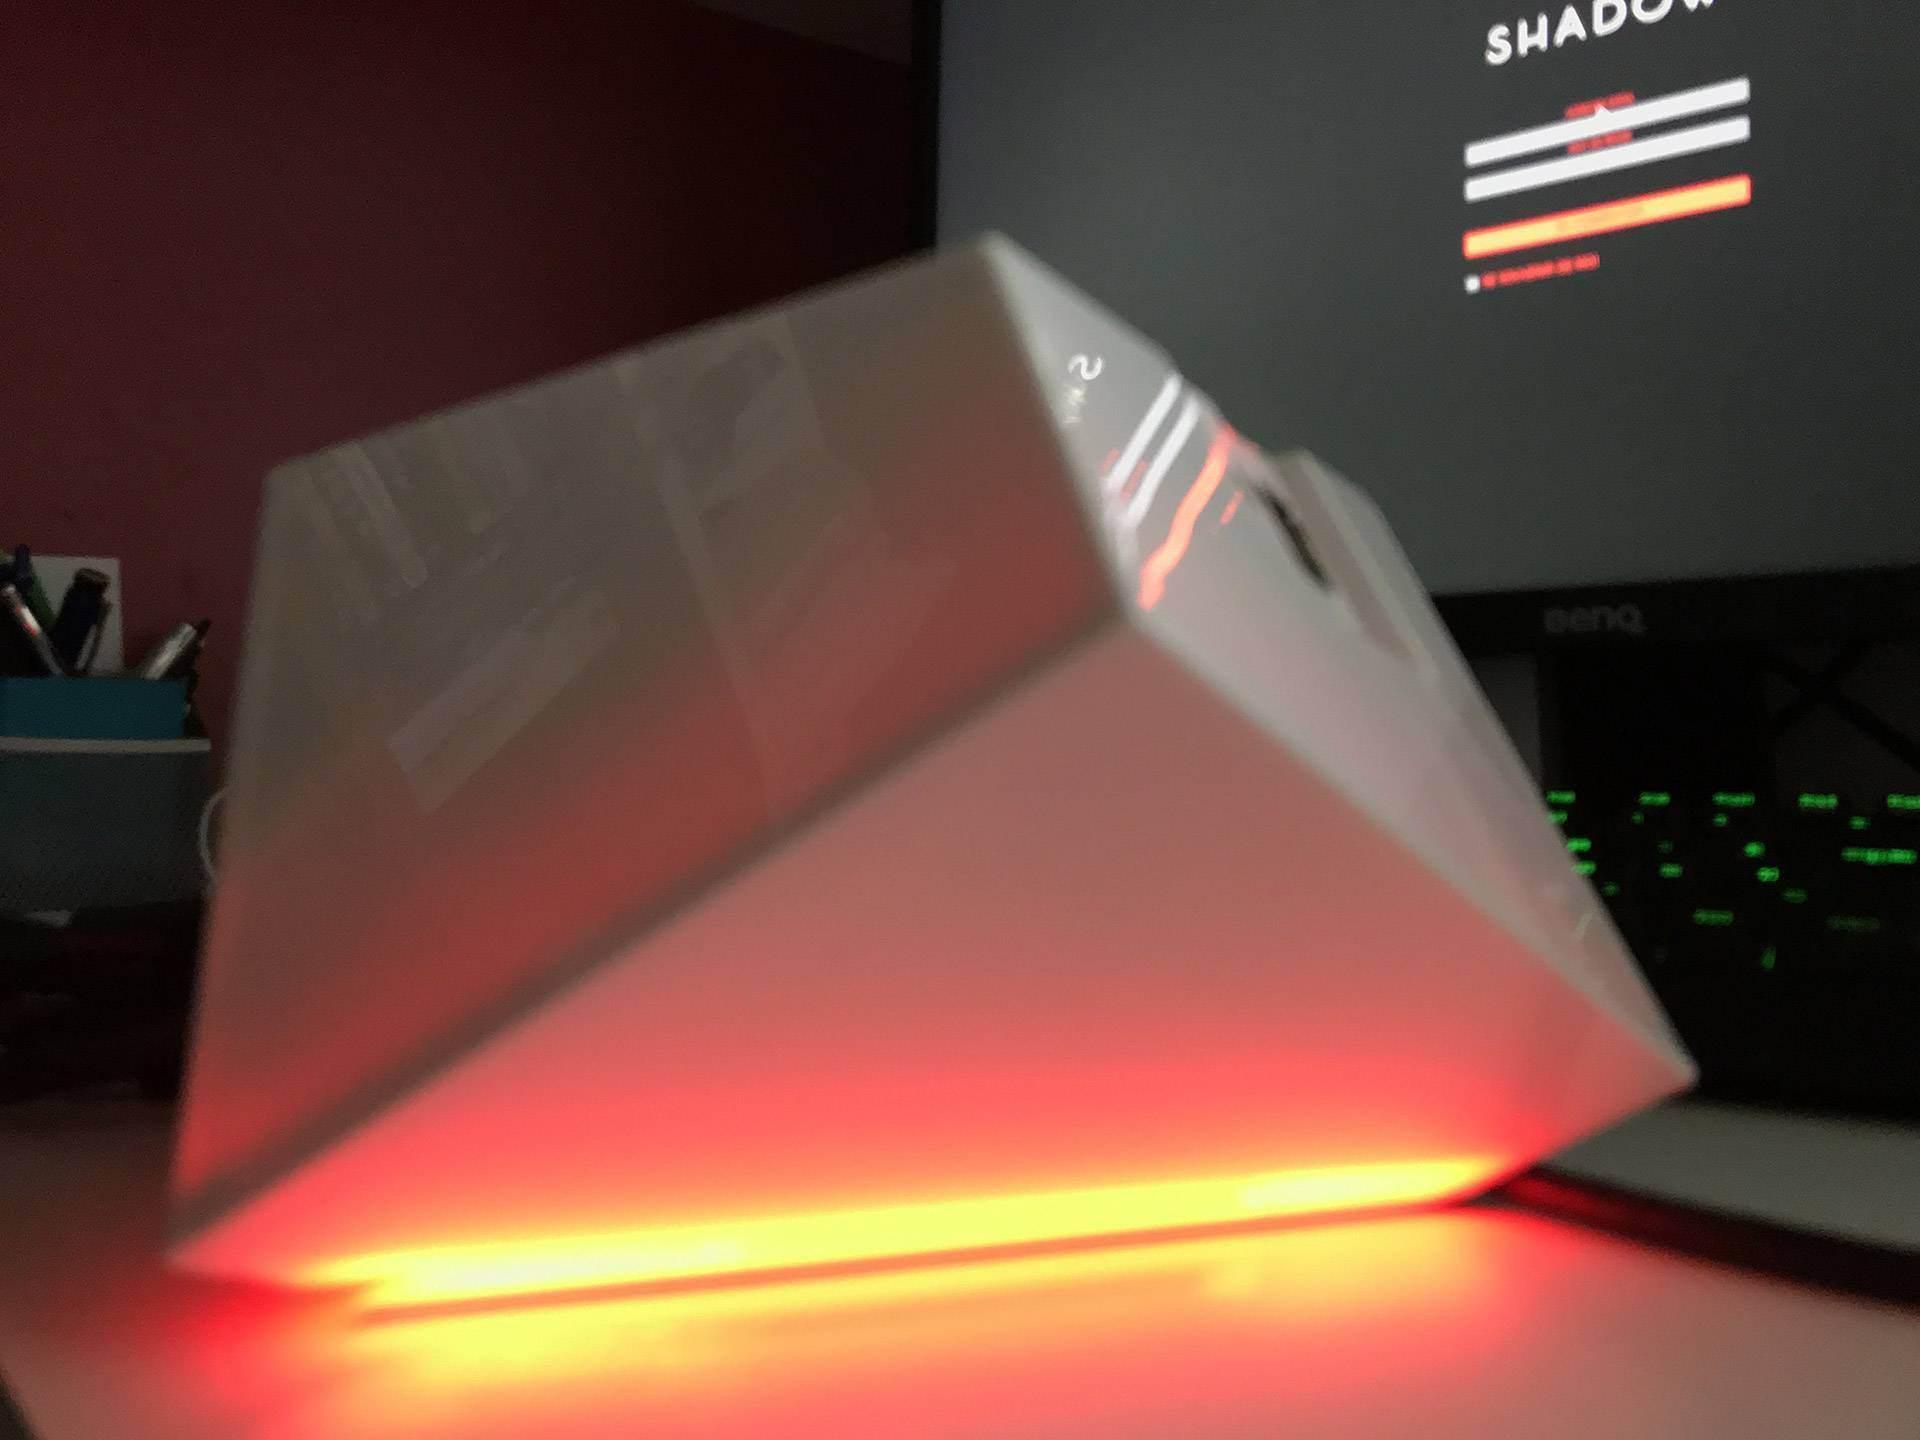 [TEST] Mon retour utilisateur sur Shadow PC